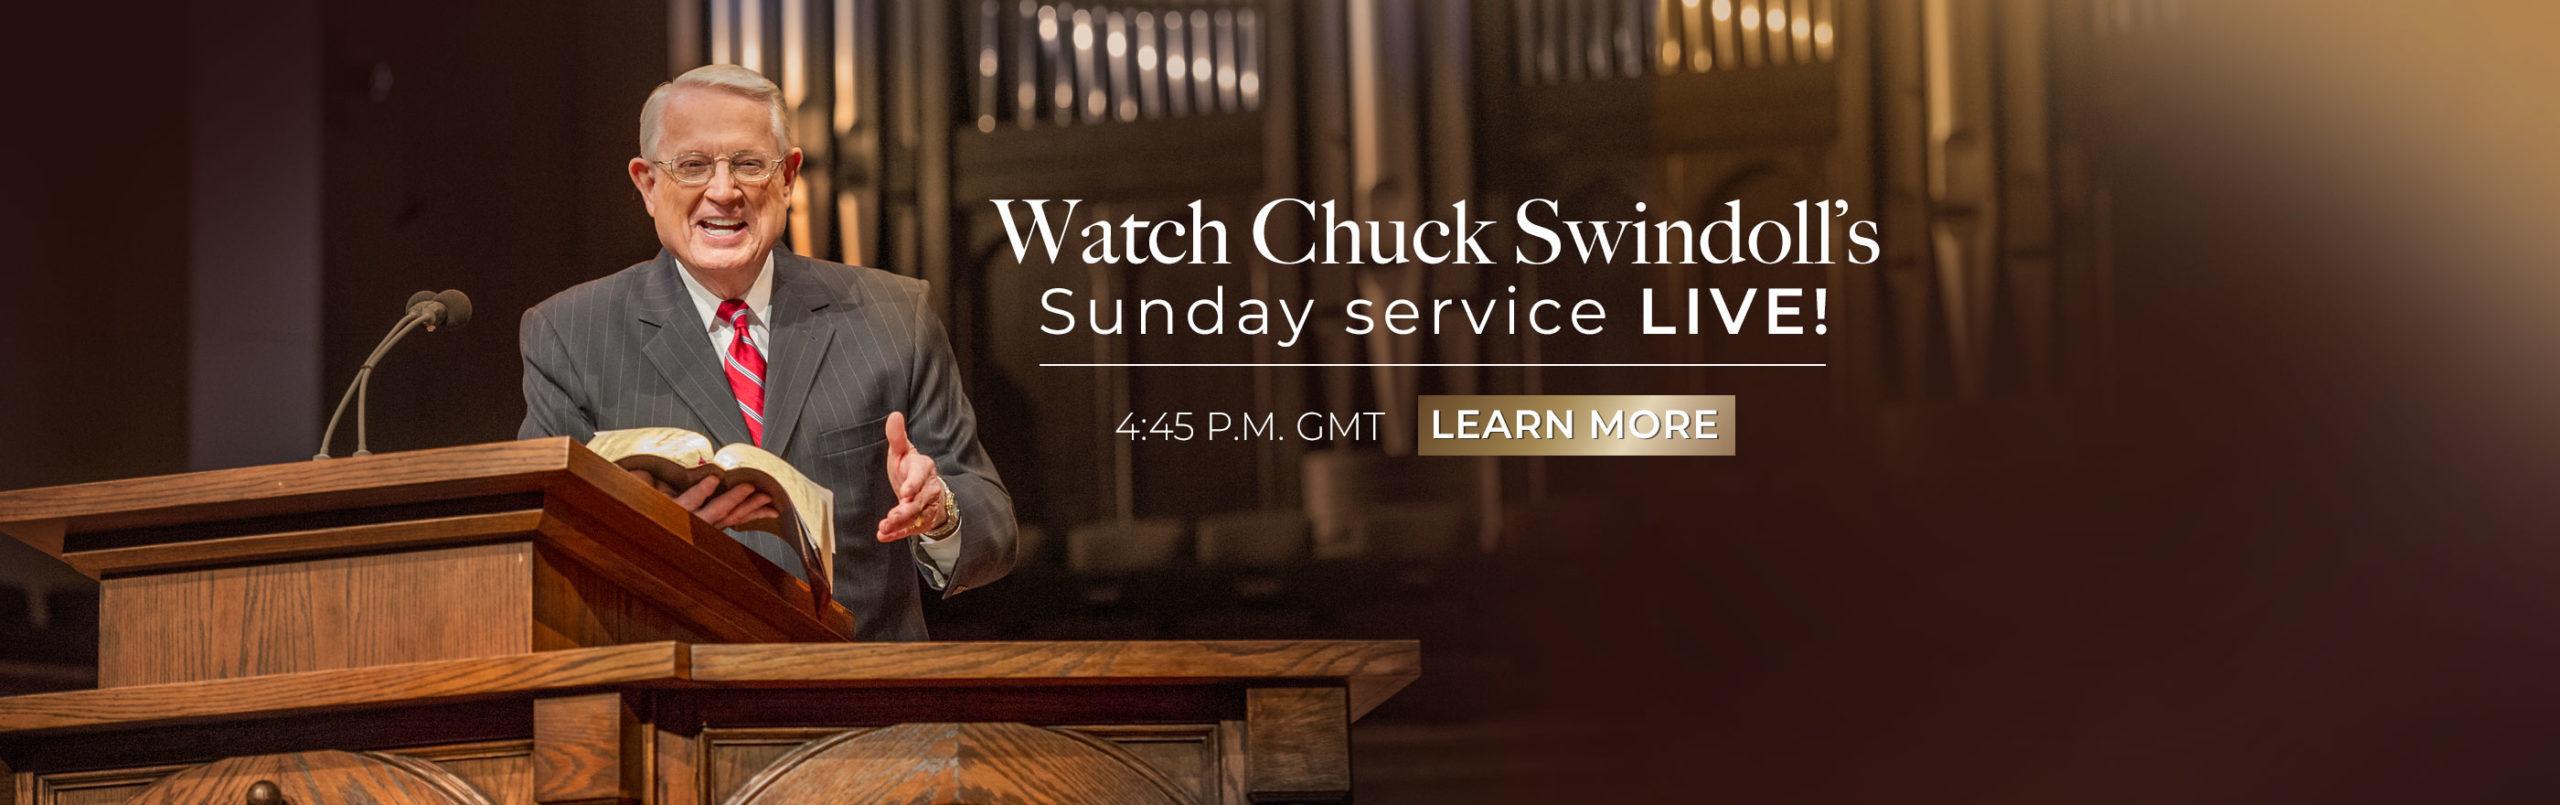 Sundays with Chuck